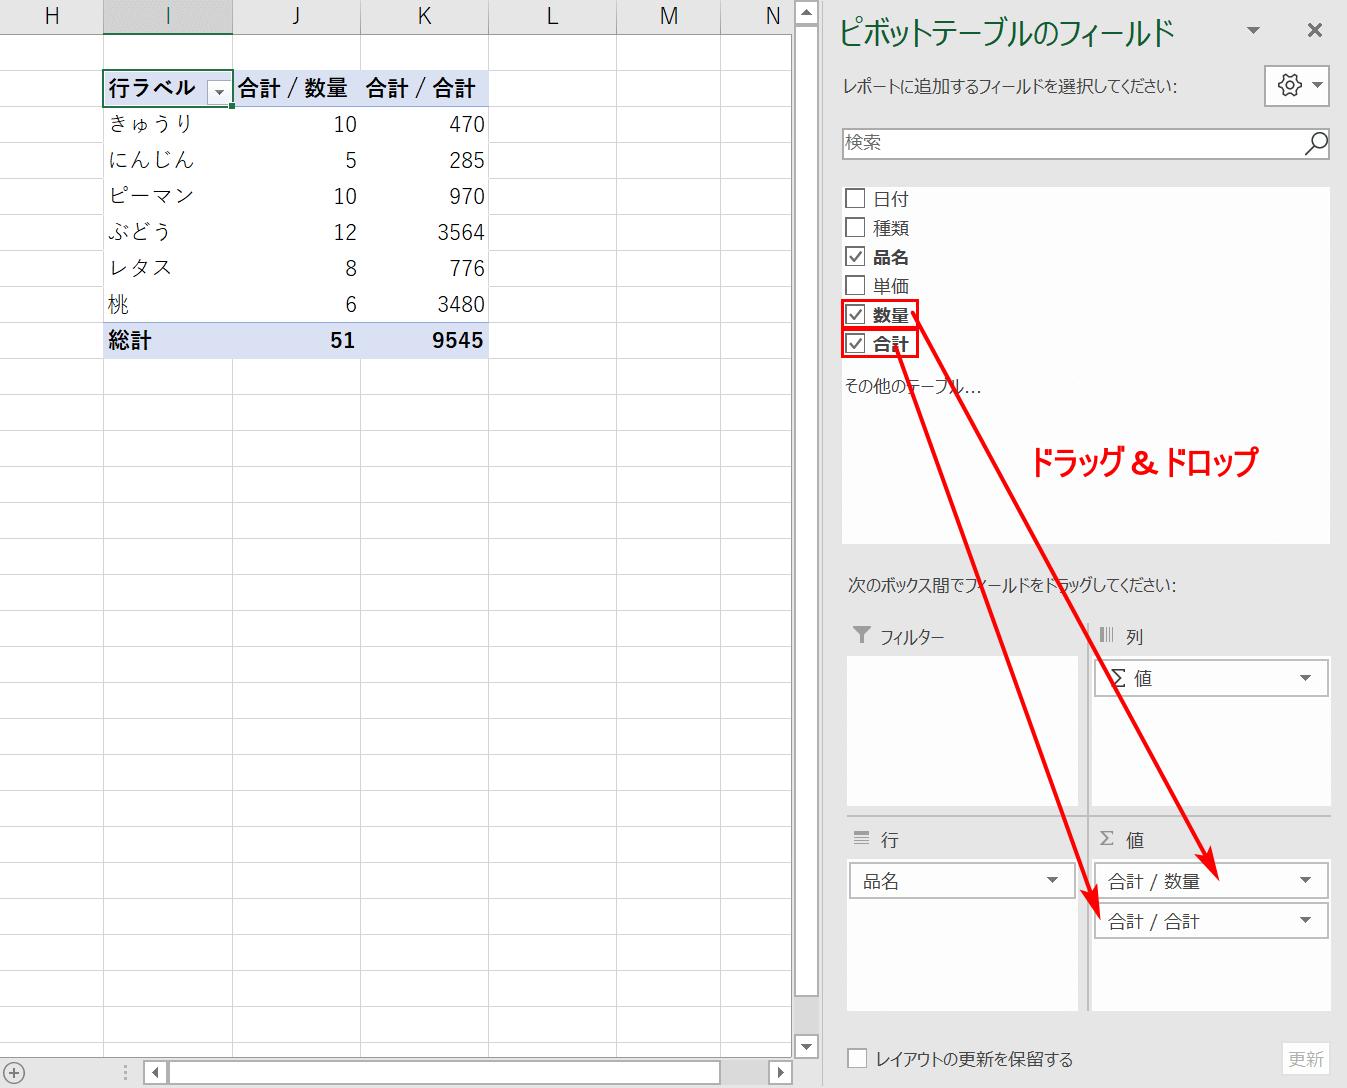 複数 シート テーブル ピボット ピボットテーブルから複数の条件で抽出した結果を、別のセルに転記する「GETPIBOTDATA関数」